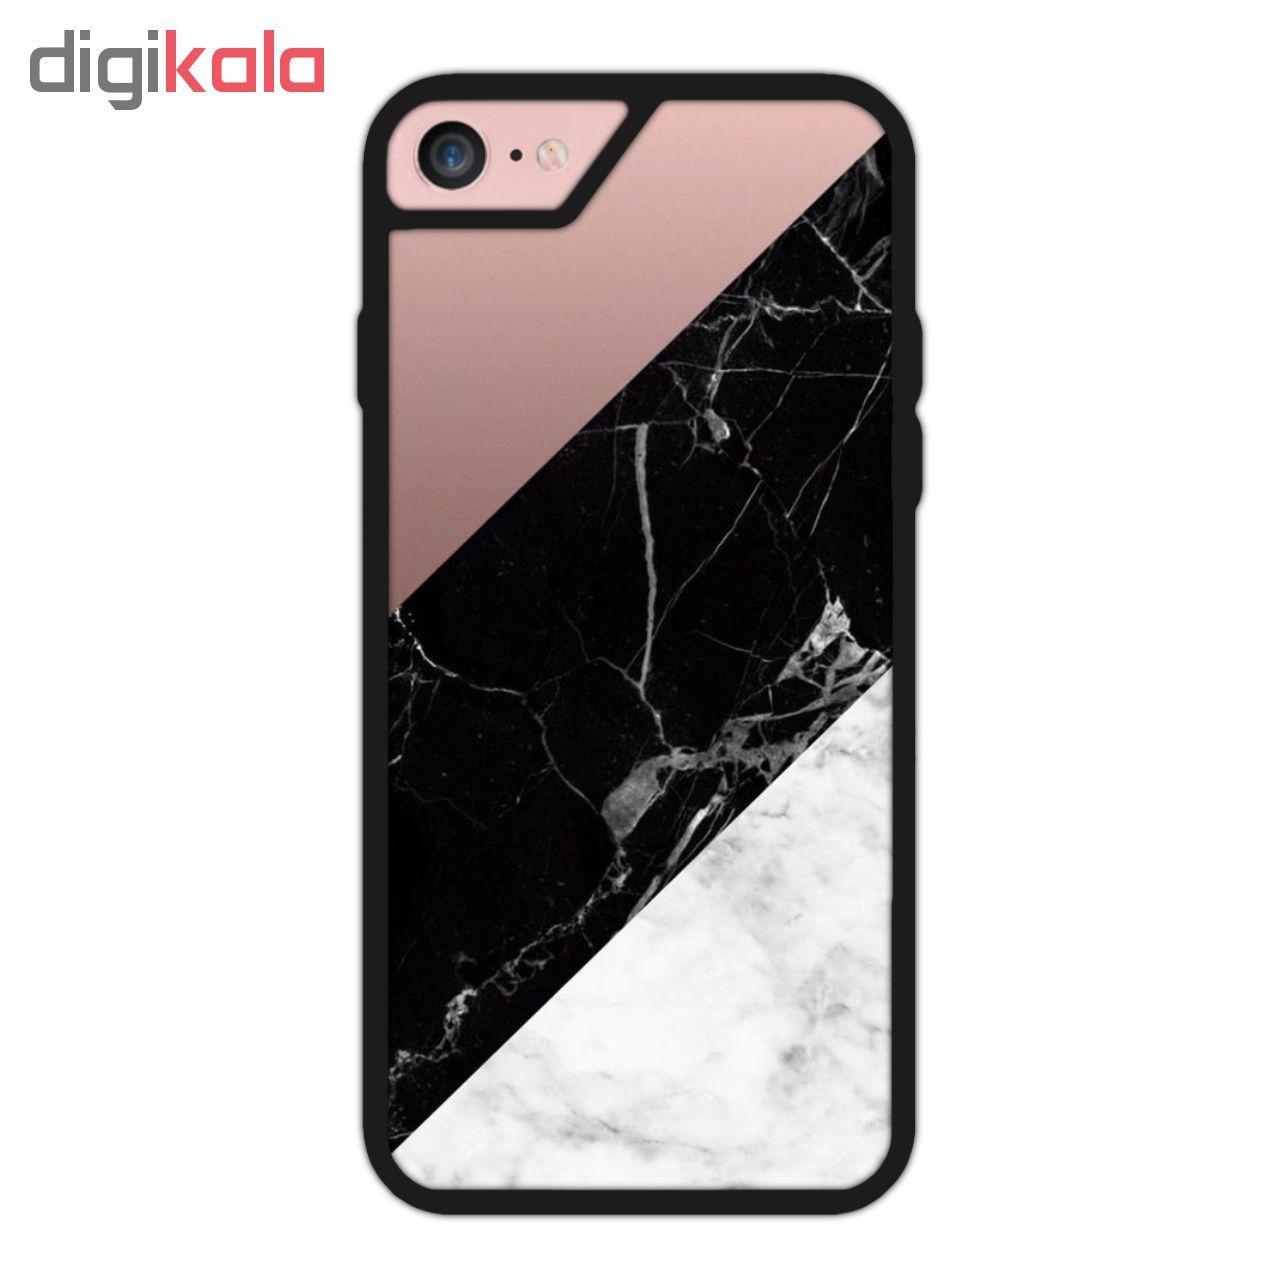 کاور آکام مدل A71587 مناسب برای گوشی موبایل اپل iPhone 7/8 main 1 1